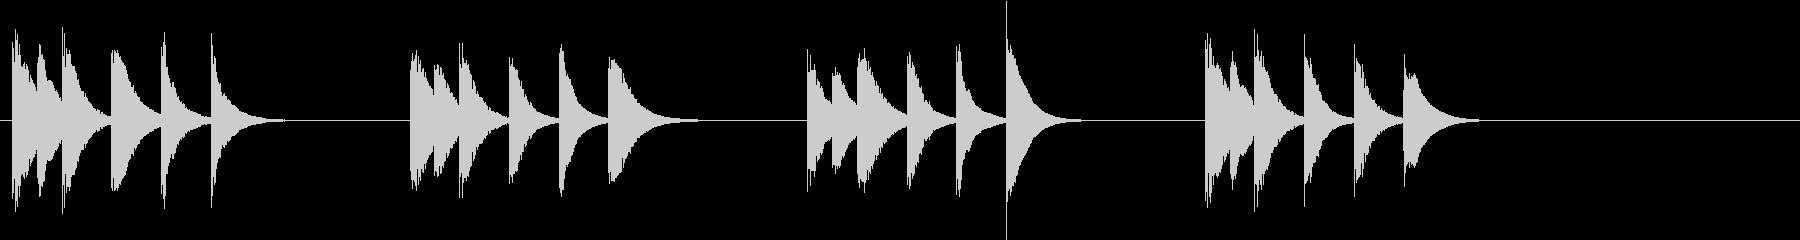 木琴の音色で作った短い曲の未再生の波形